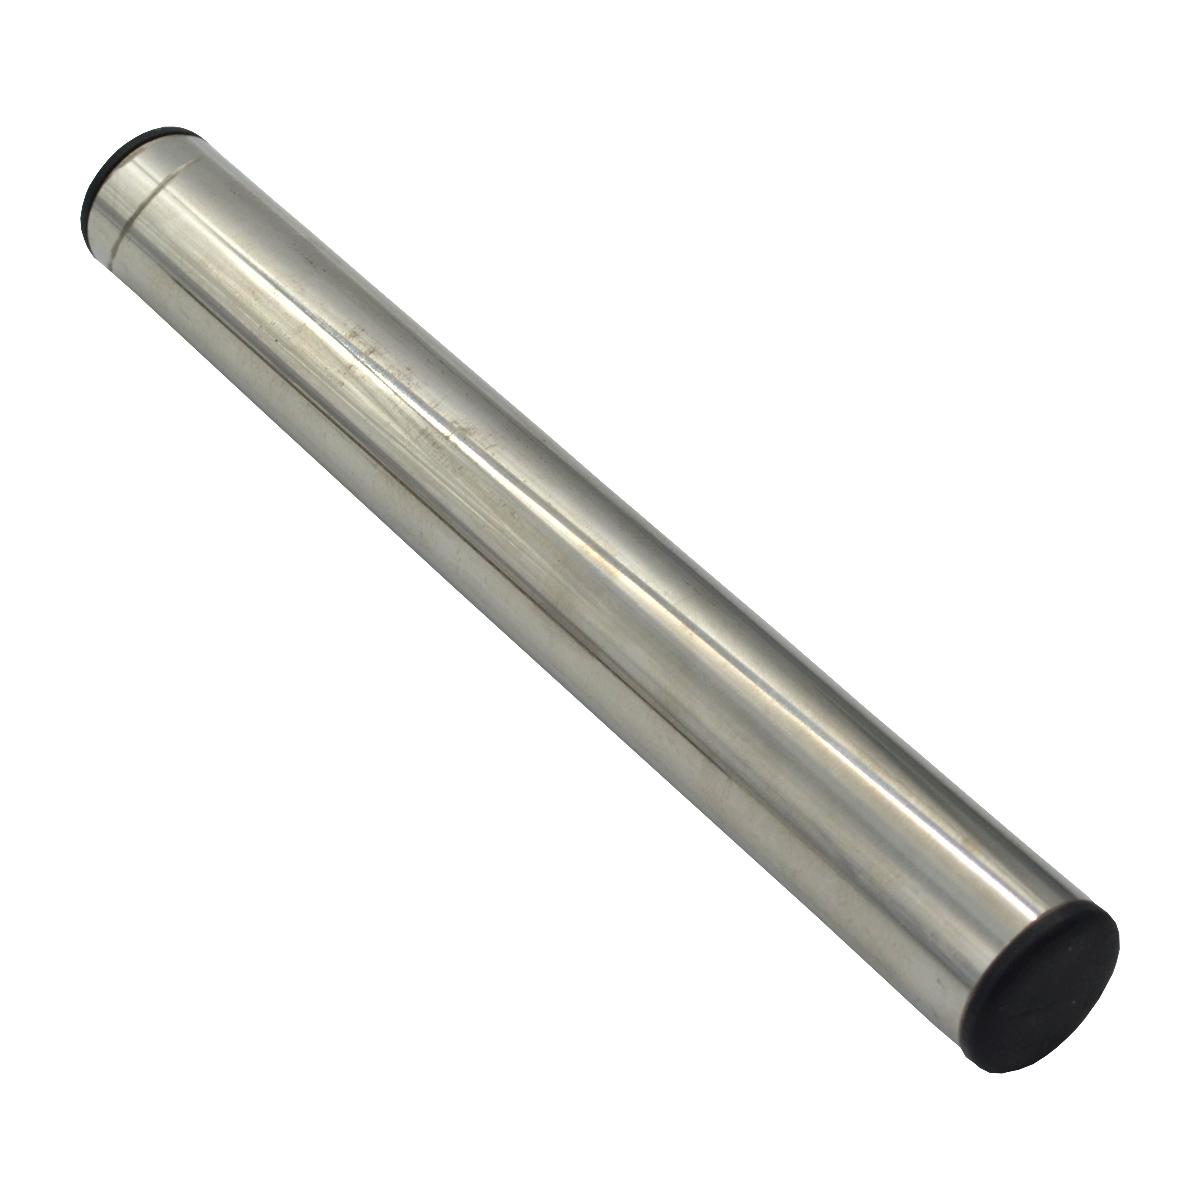 CE902 Скалка для глины (нержавеющая сталь) Cernit